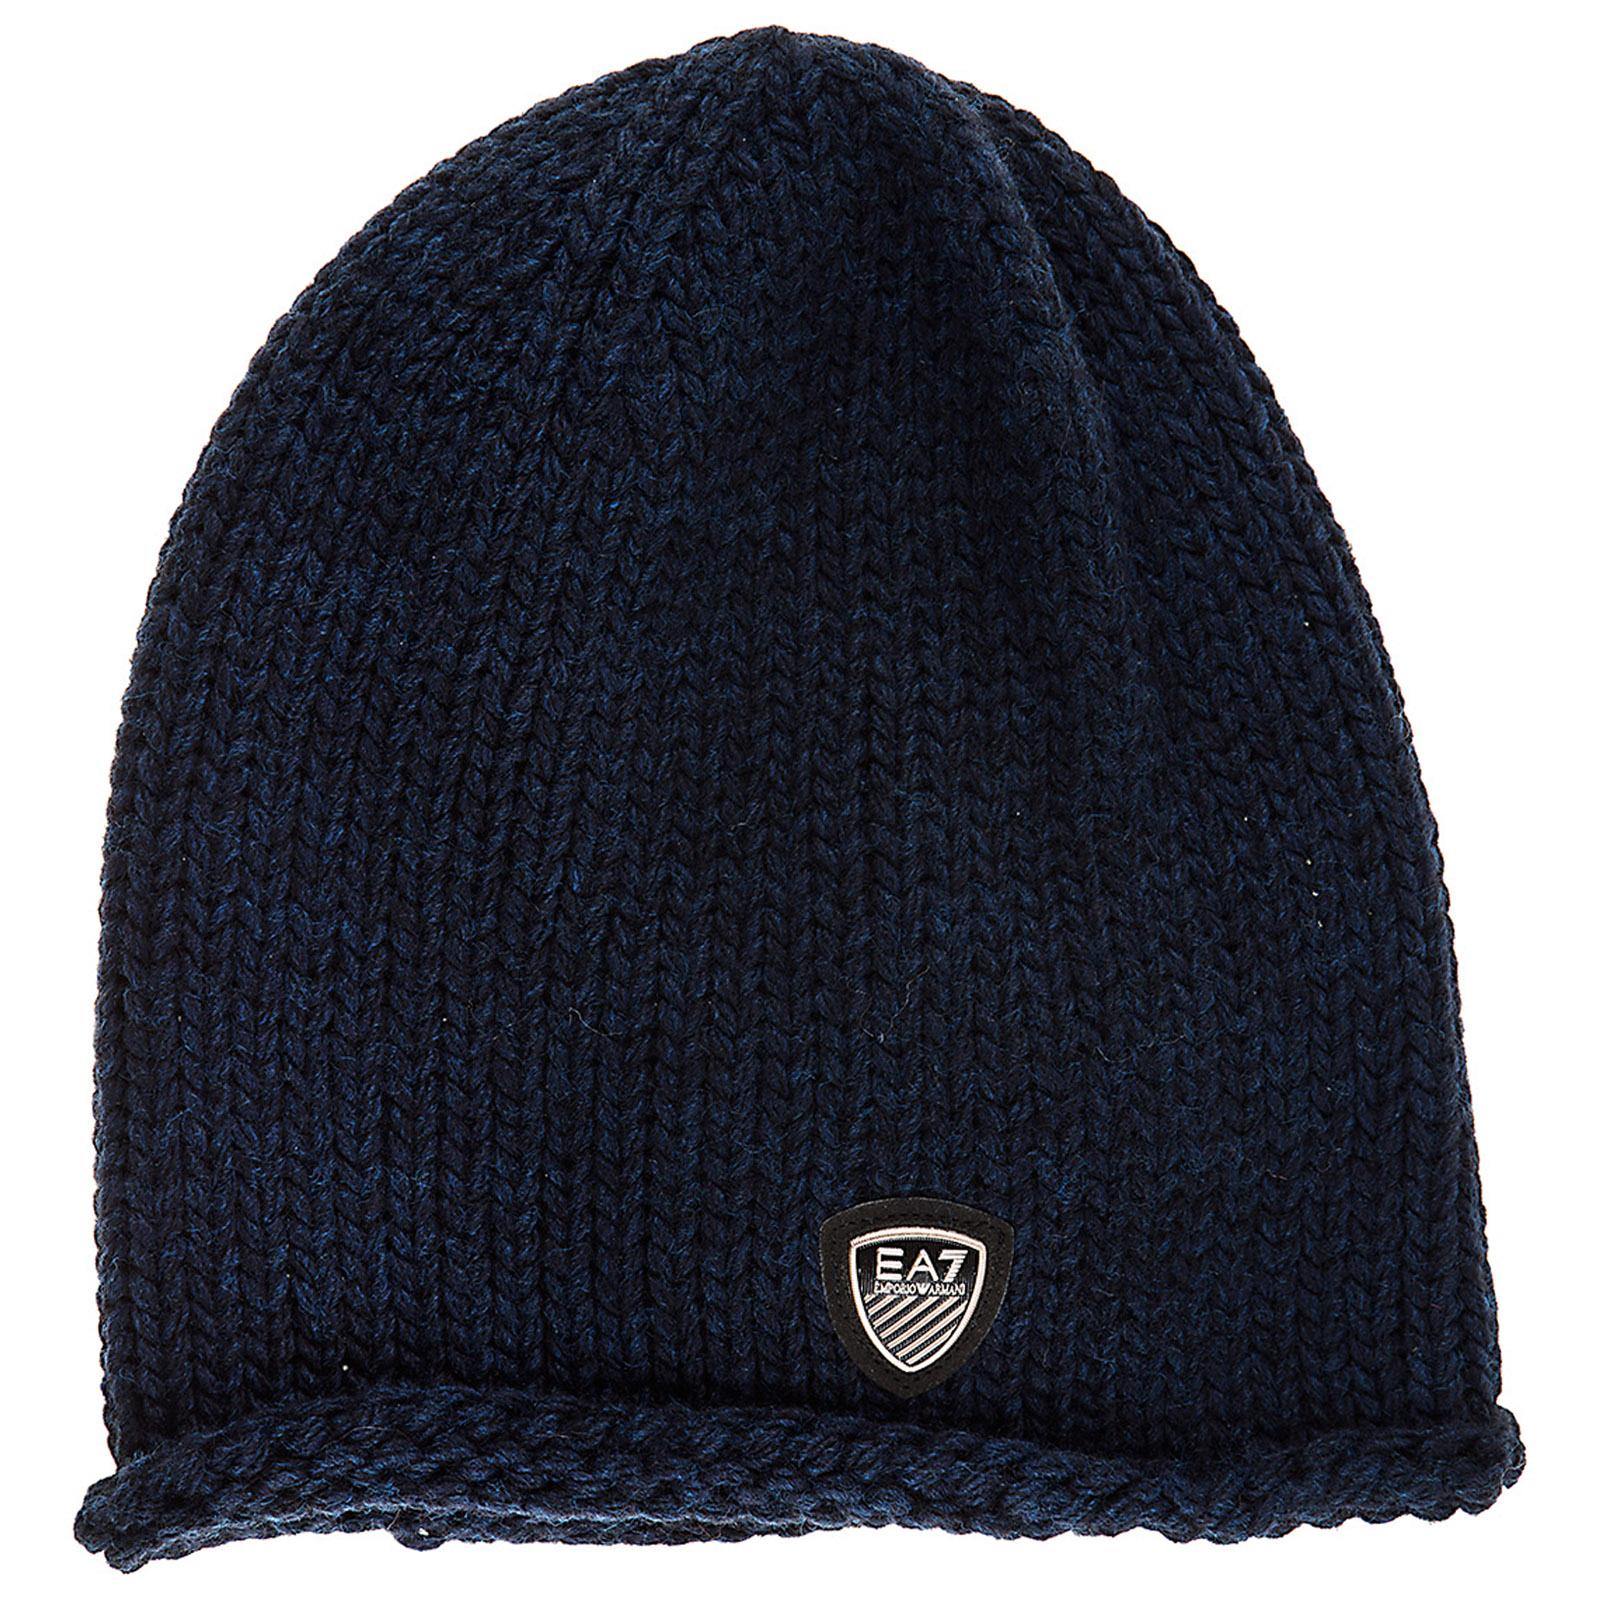 Women's beanie hat  mount urban 1